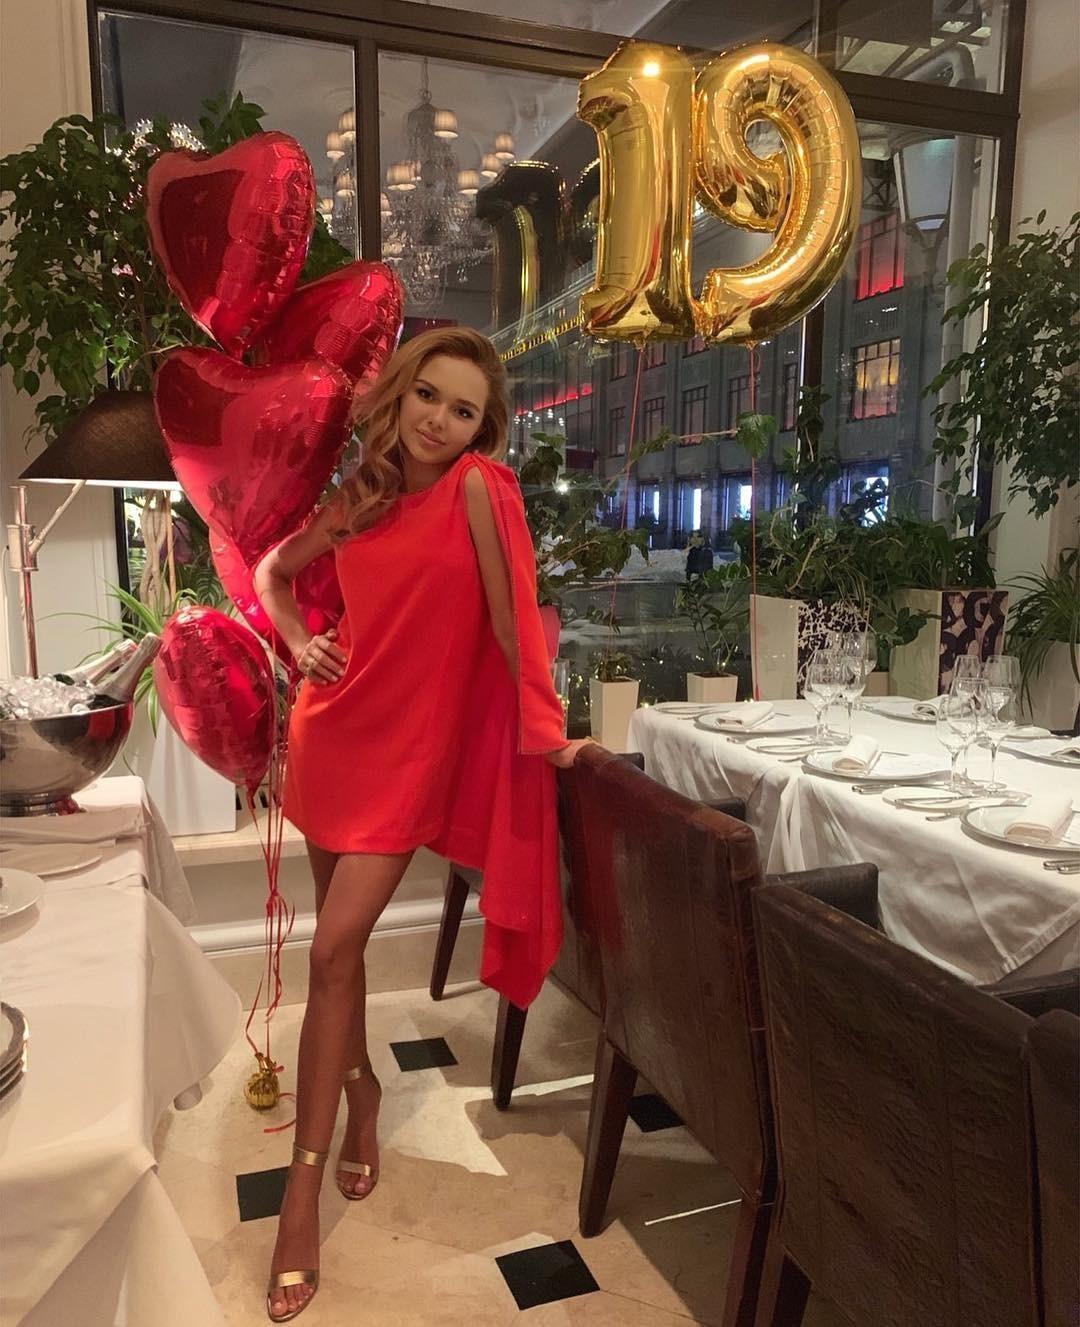 Стефания Маликова устроила банкет в честь своего Дня рождения